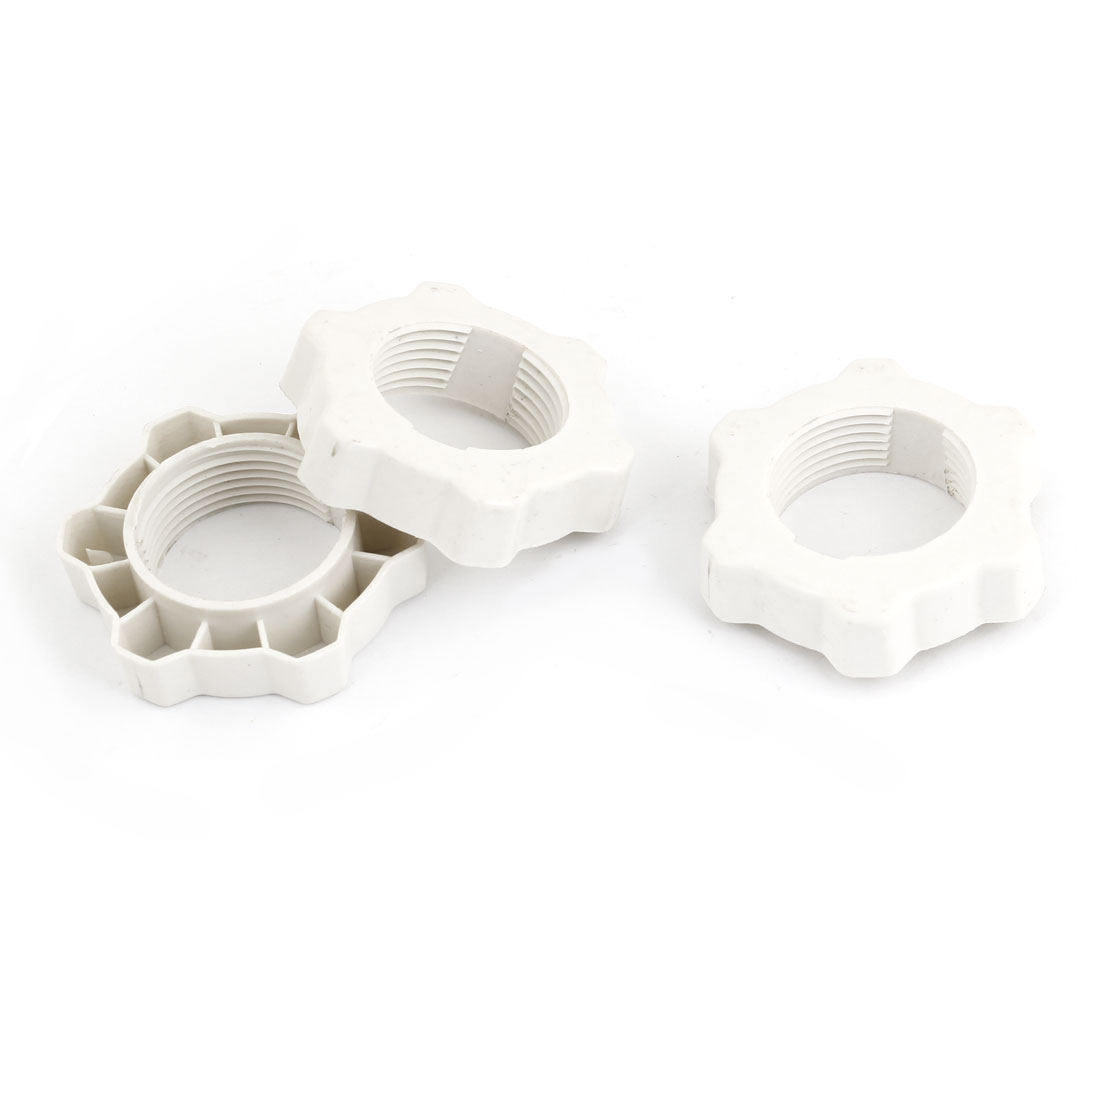 Off White Plastic 31mm Thread Dia Fastening Screw Nut Fan Guard Fasteners 3 Pcs